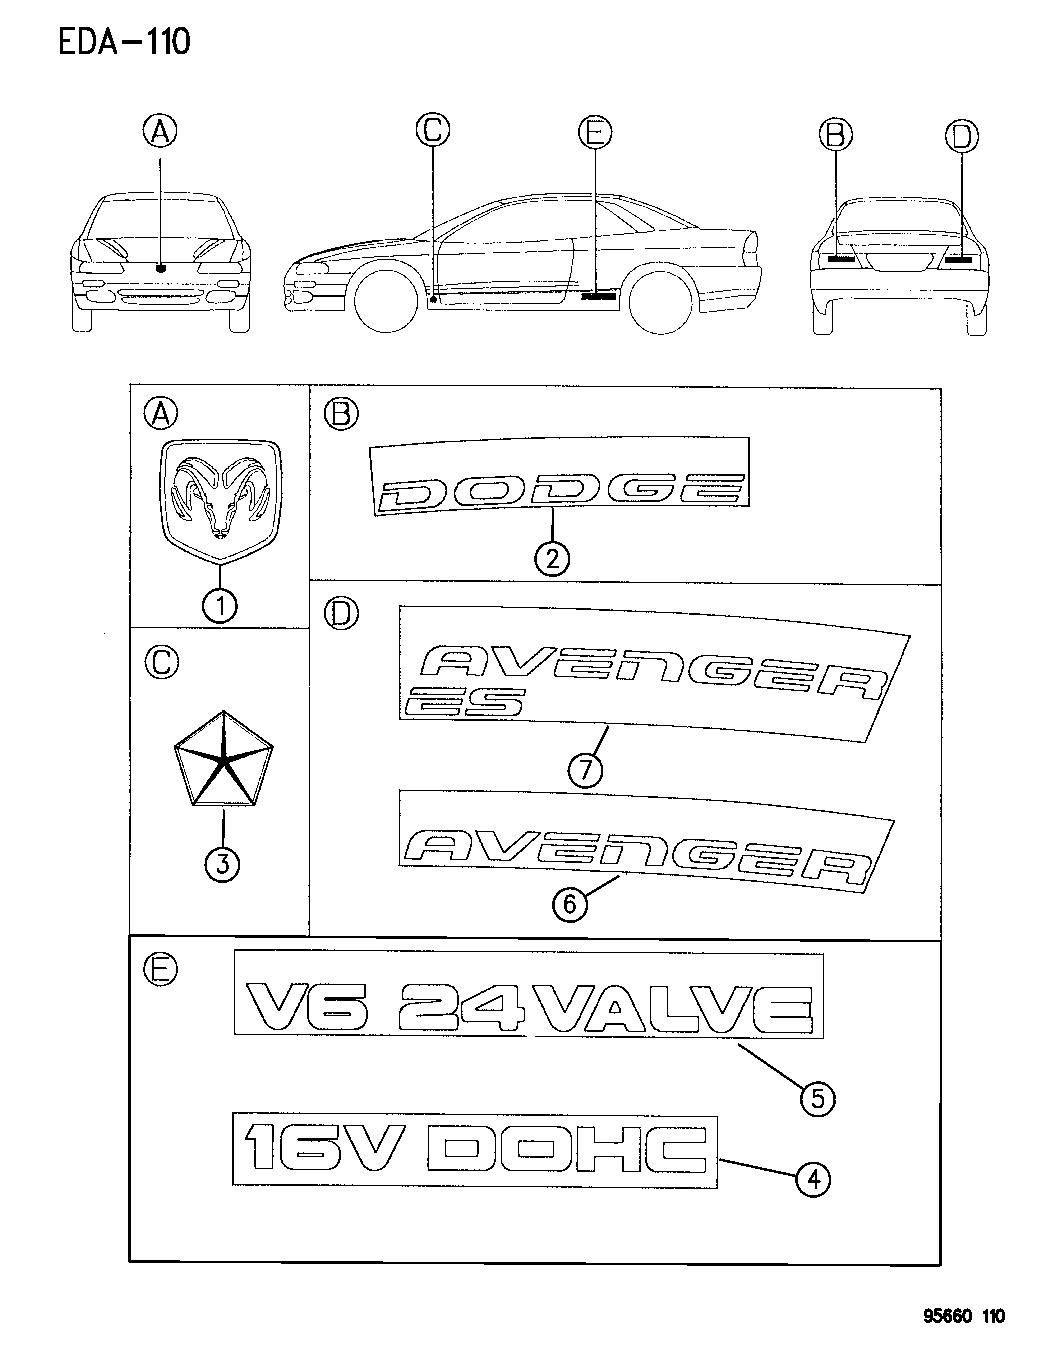 1995 Dodge Avenger Nameplates Decals Emblems Engine Diagram